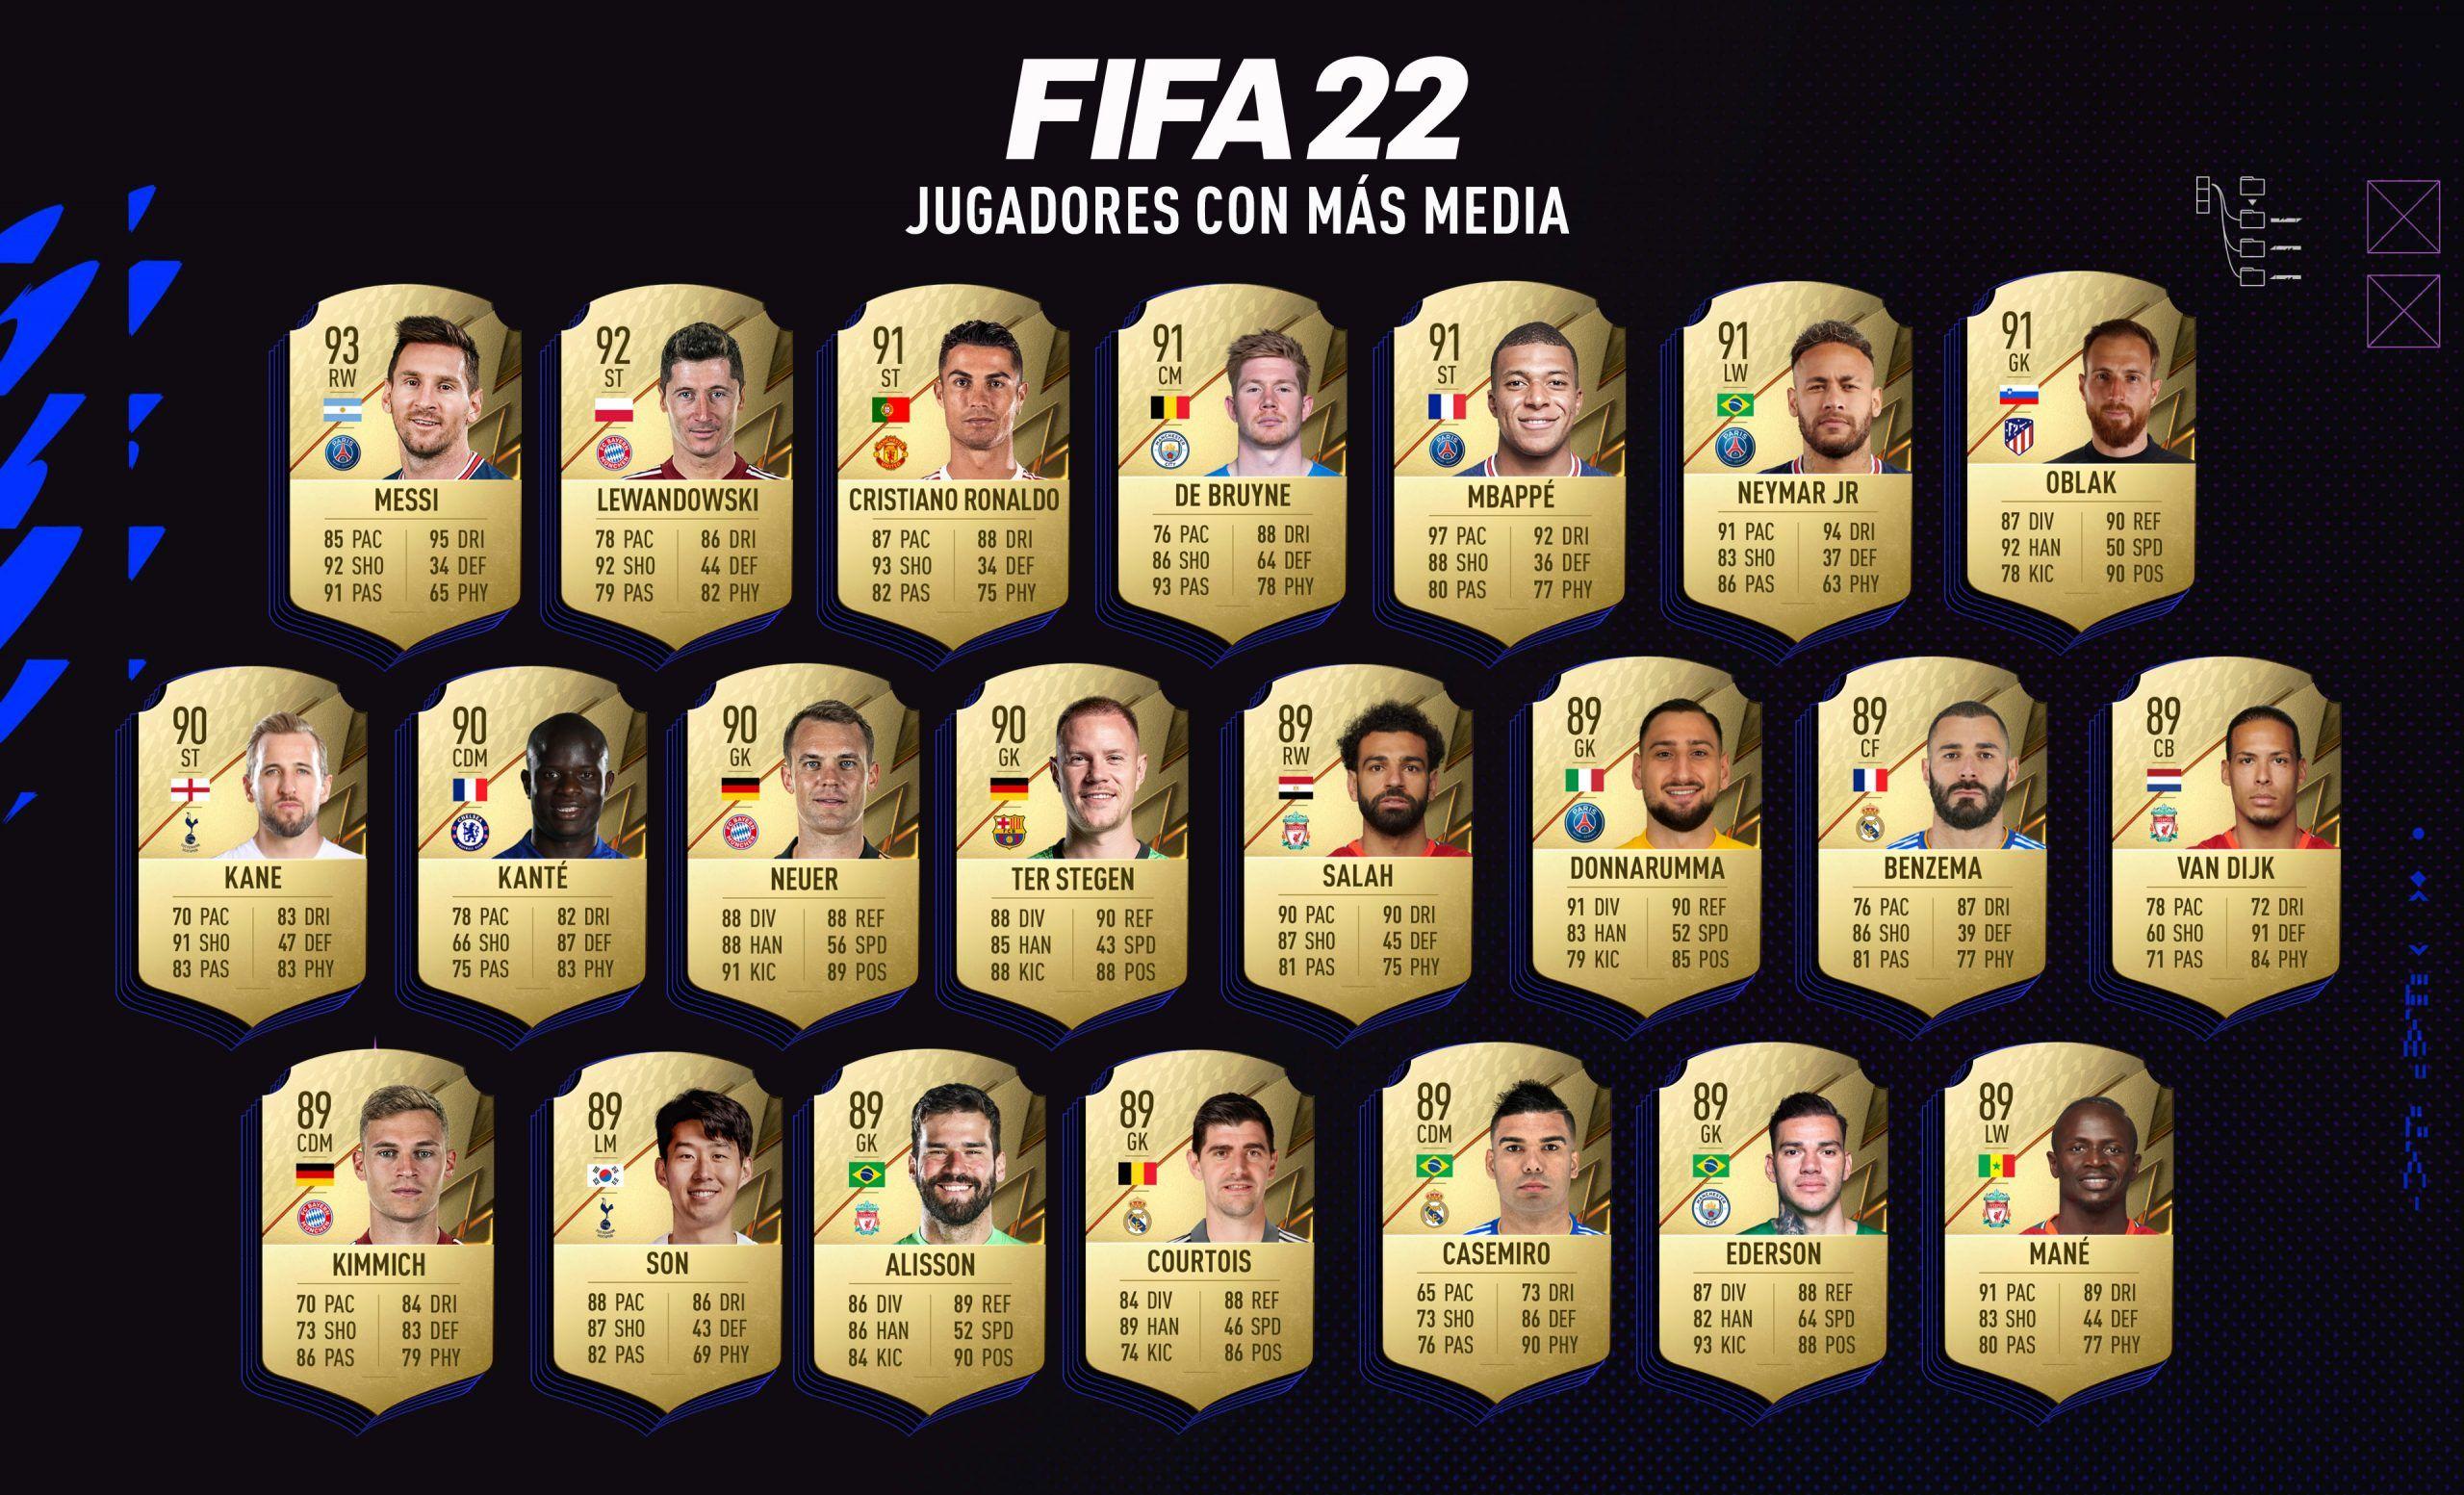 Los jugadores con más Media de FIFA 22